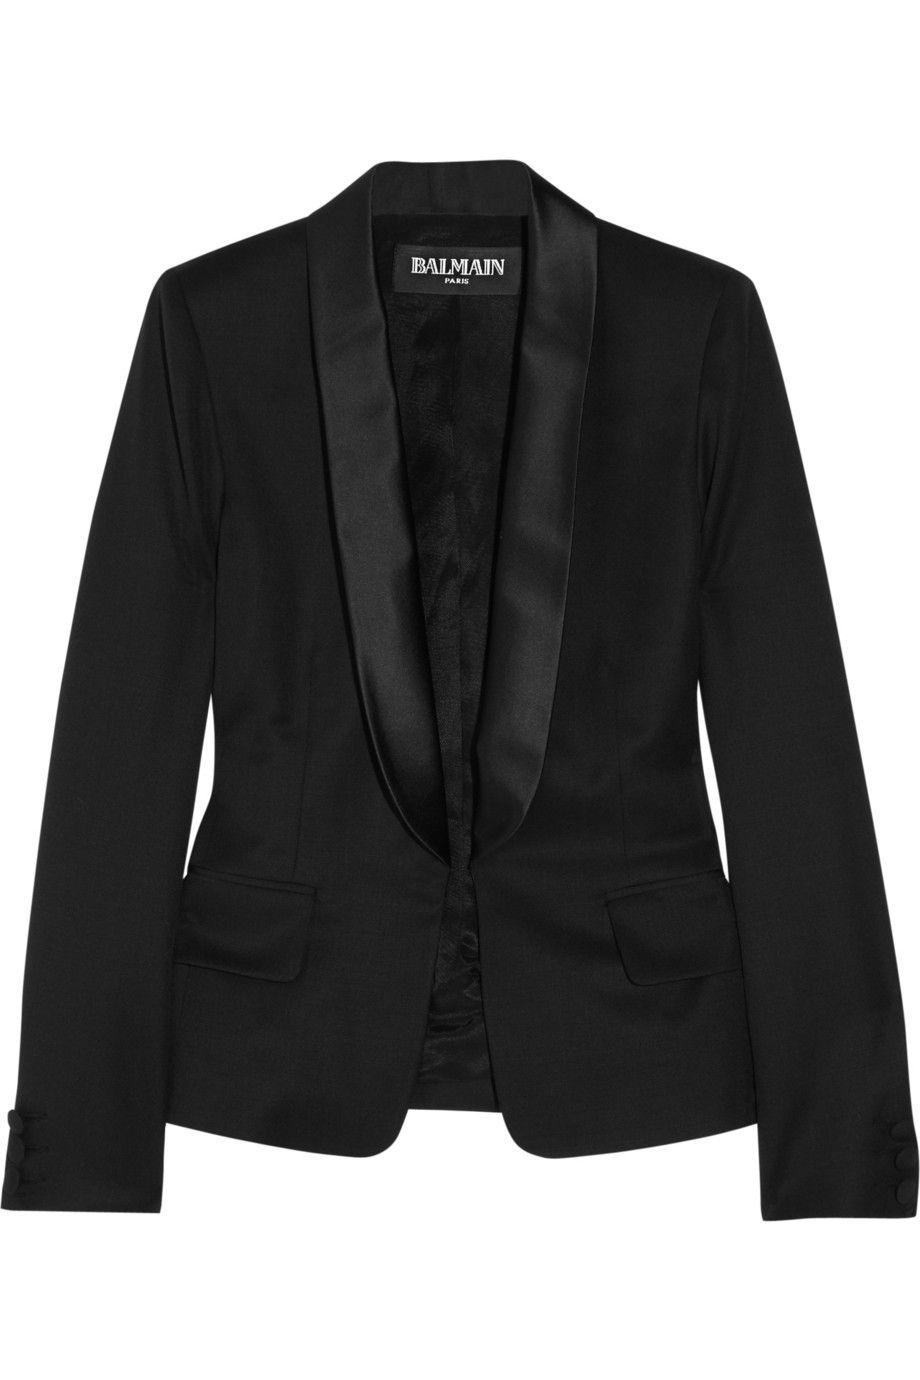 c471bf1c0135f Women's Black Wool Tuxedo Jacket | Style Inspiration | Tuxedo jacket ...